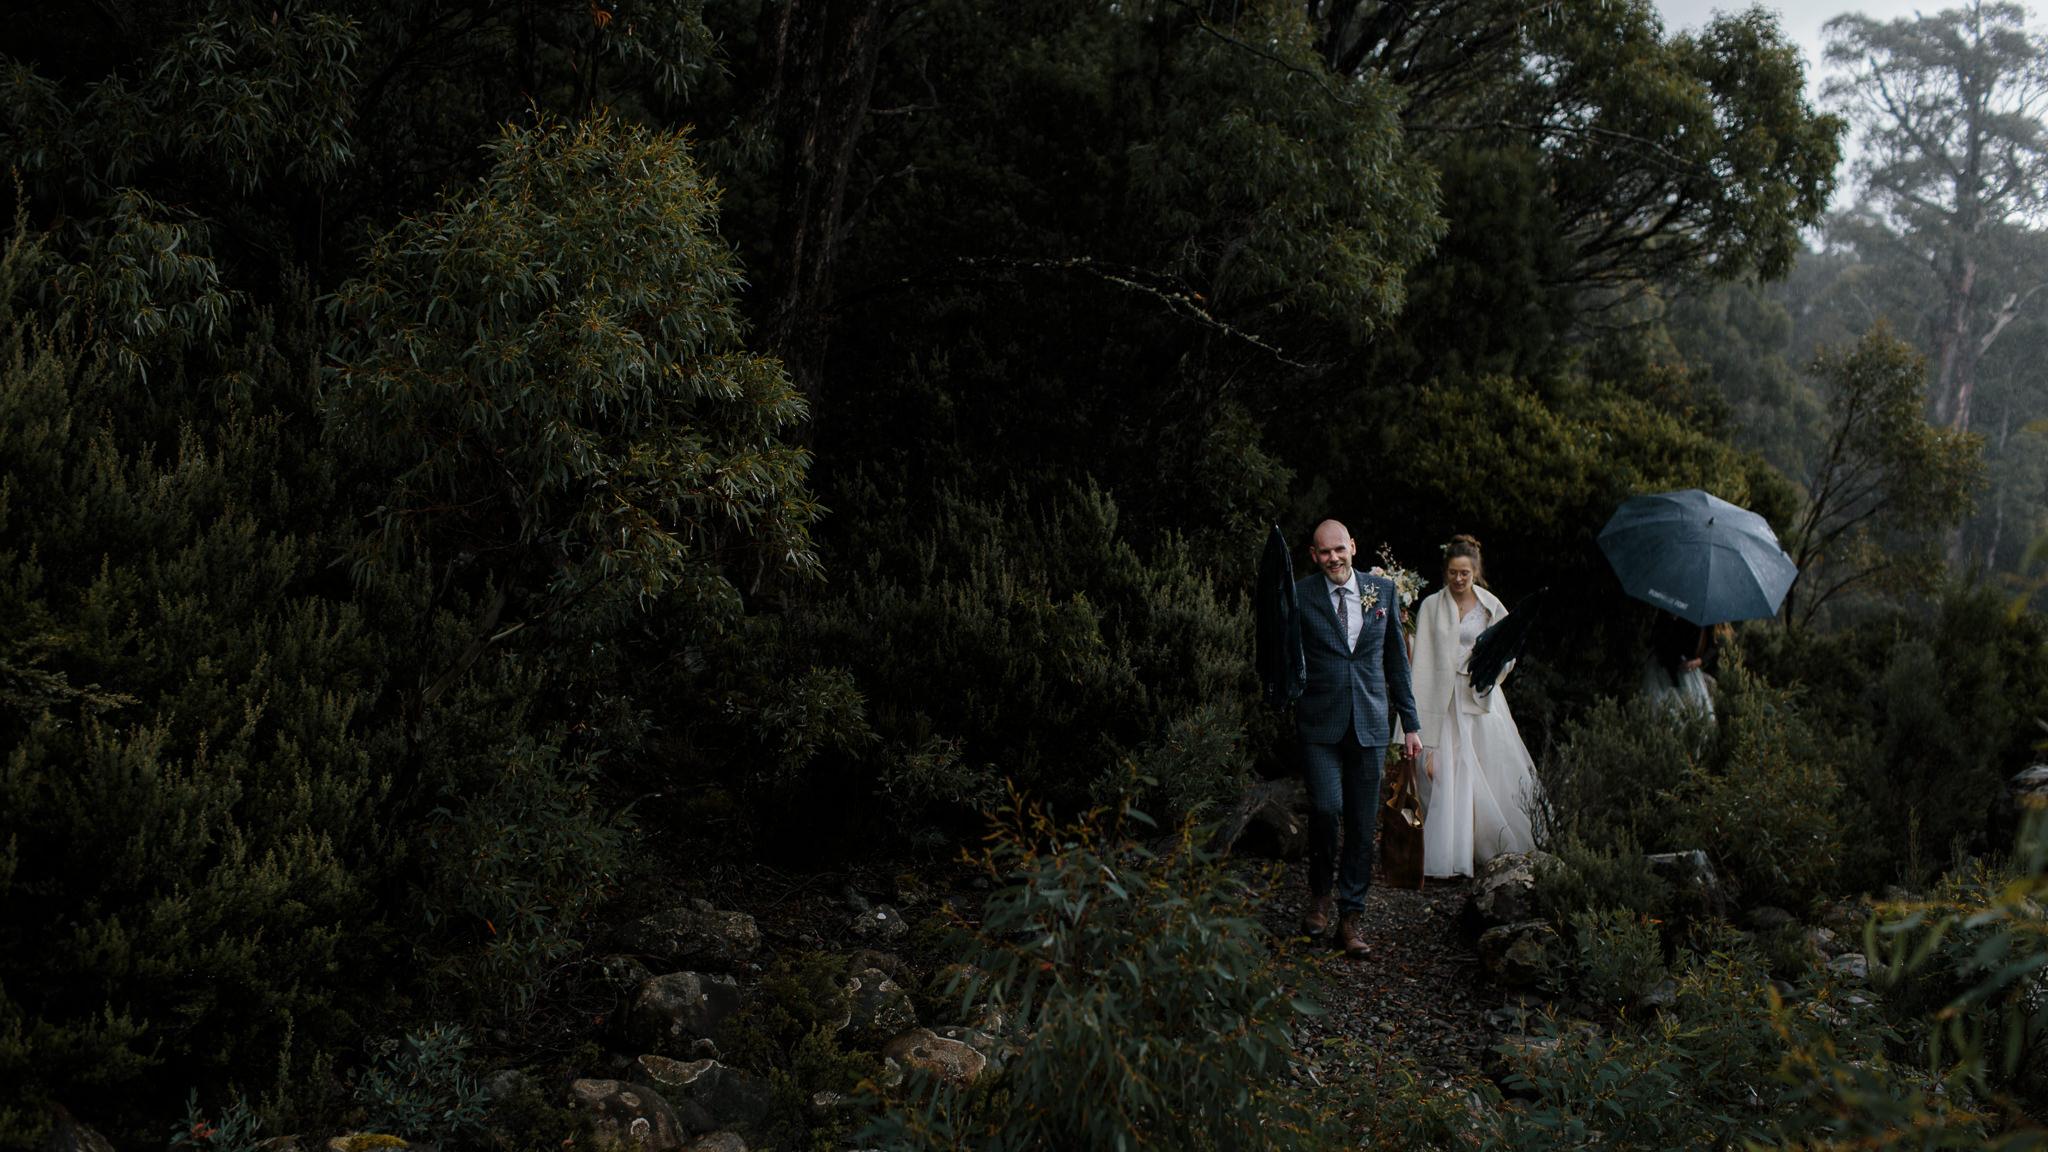 Pumphouse_Point_wedding_photography_elopement619.JPG